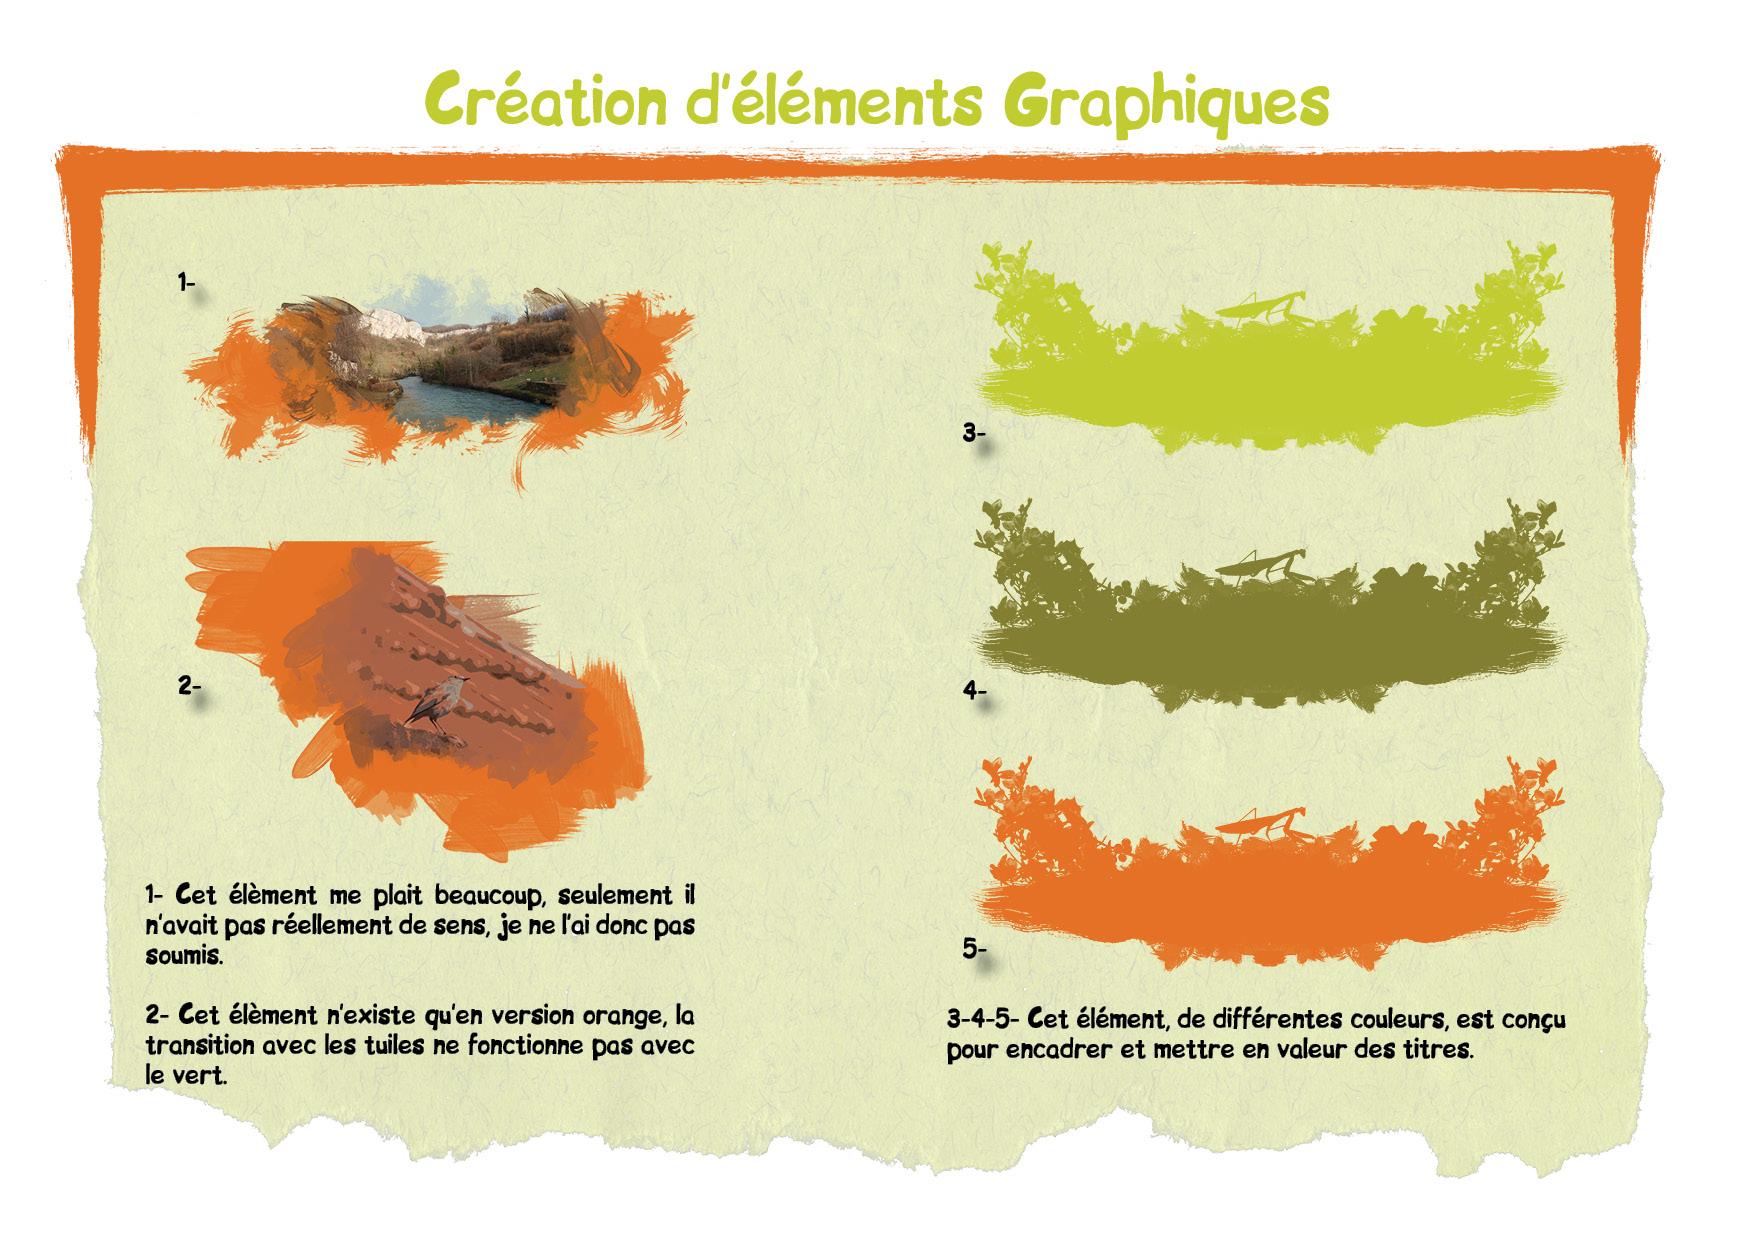 Creation éléments graphiques